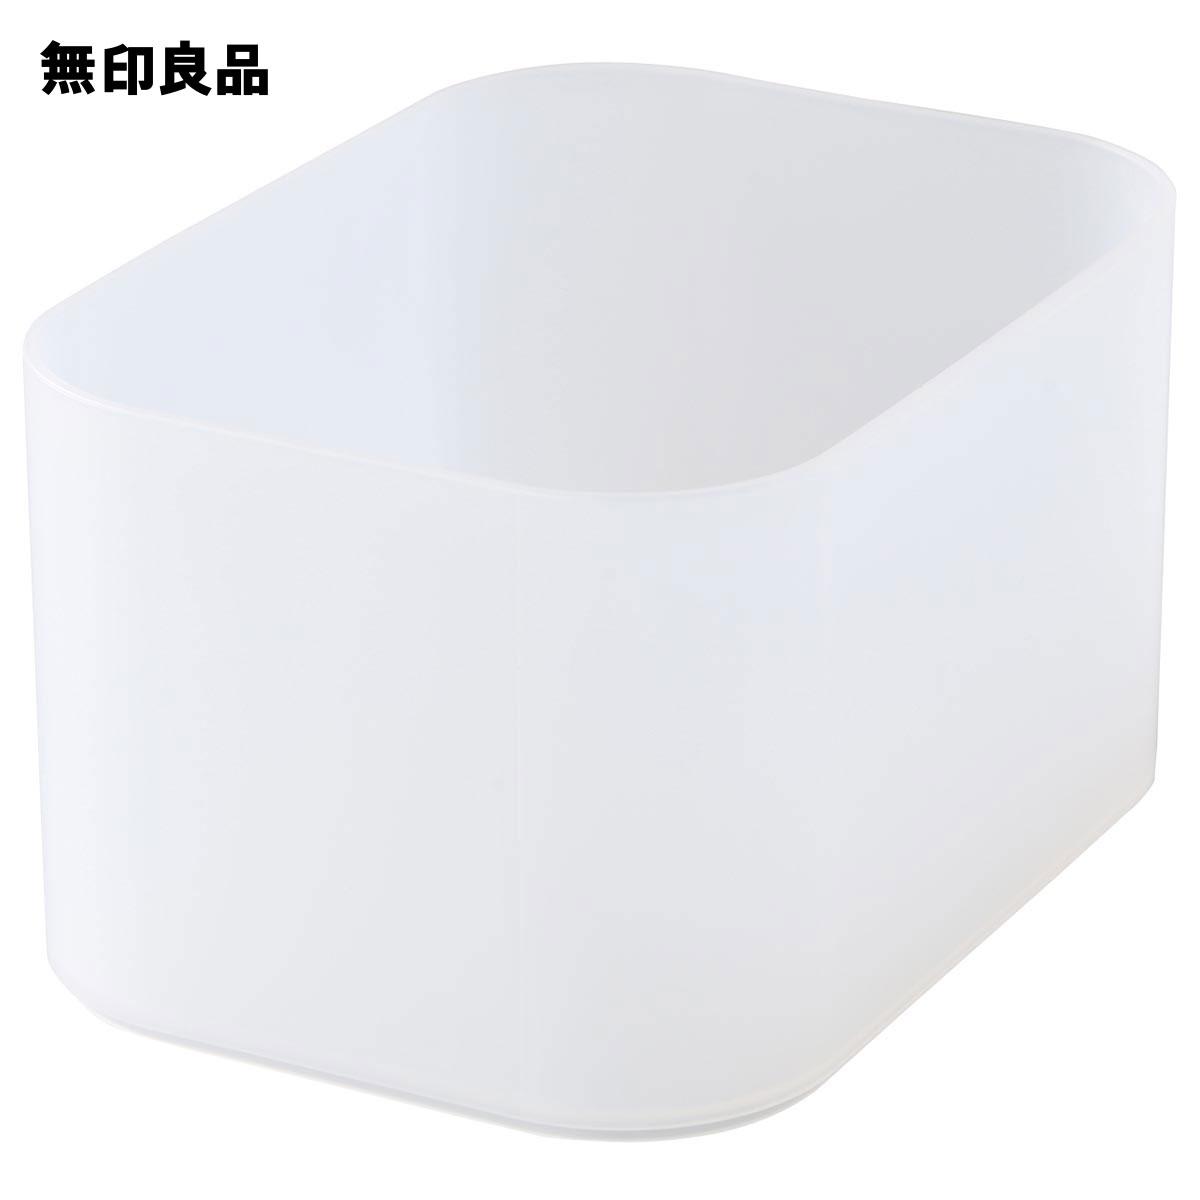 【無印良品 公式】ポリプロピレンメイクボックス・1/2横ハーフ 約150×110×86mm